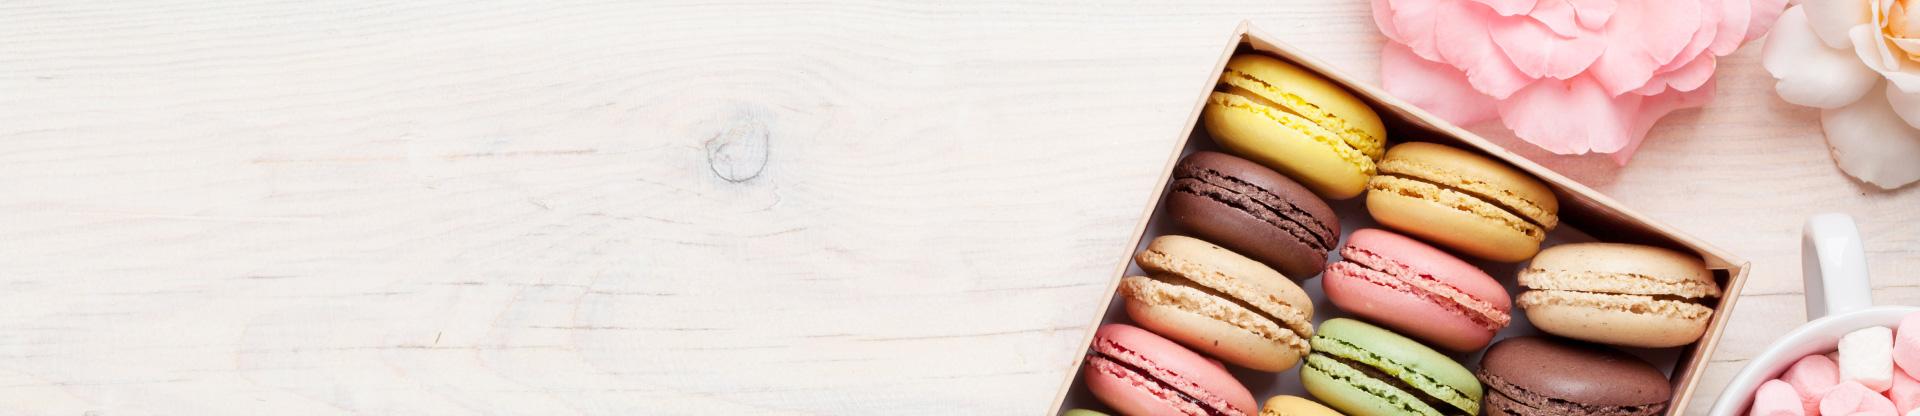 Glicemia - Regolazione dello zucchero